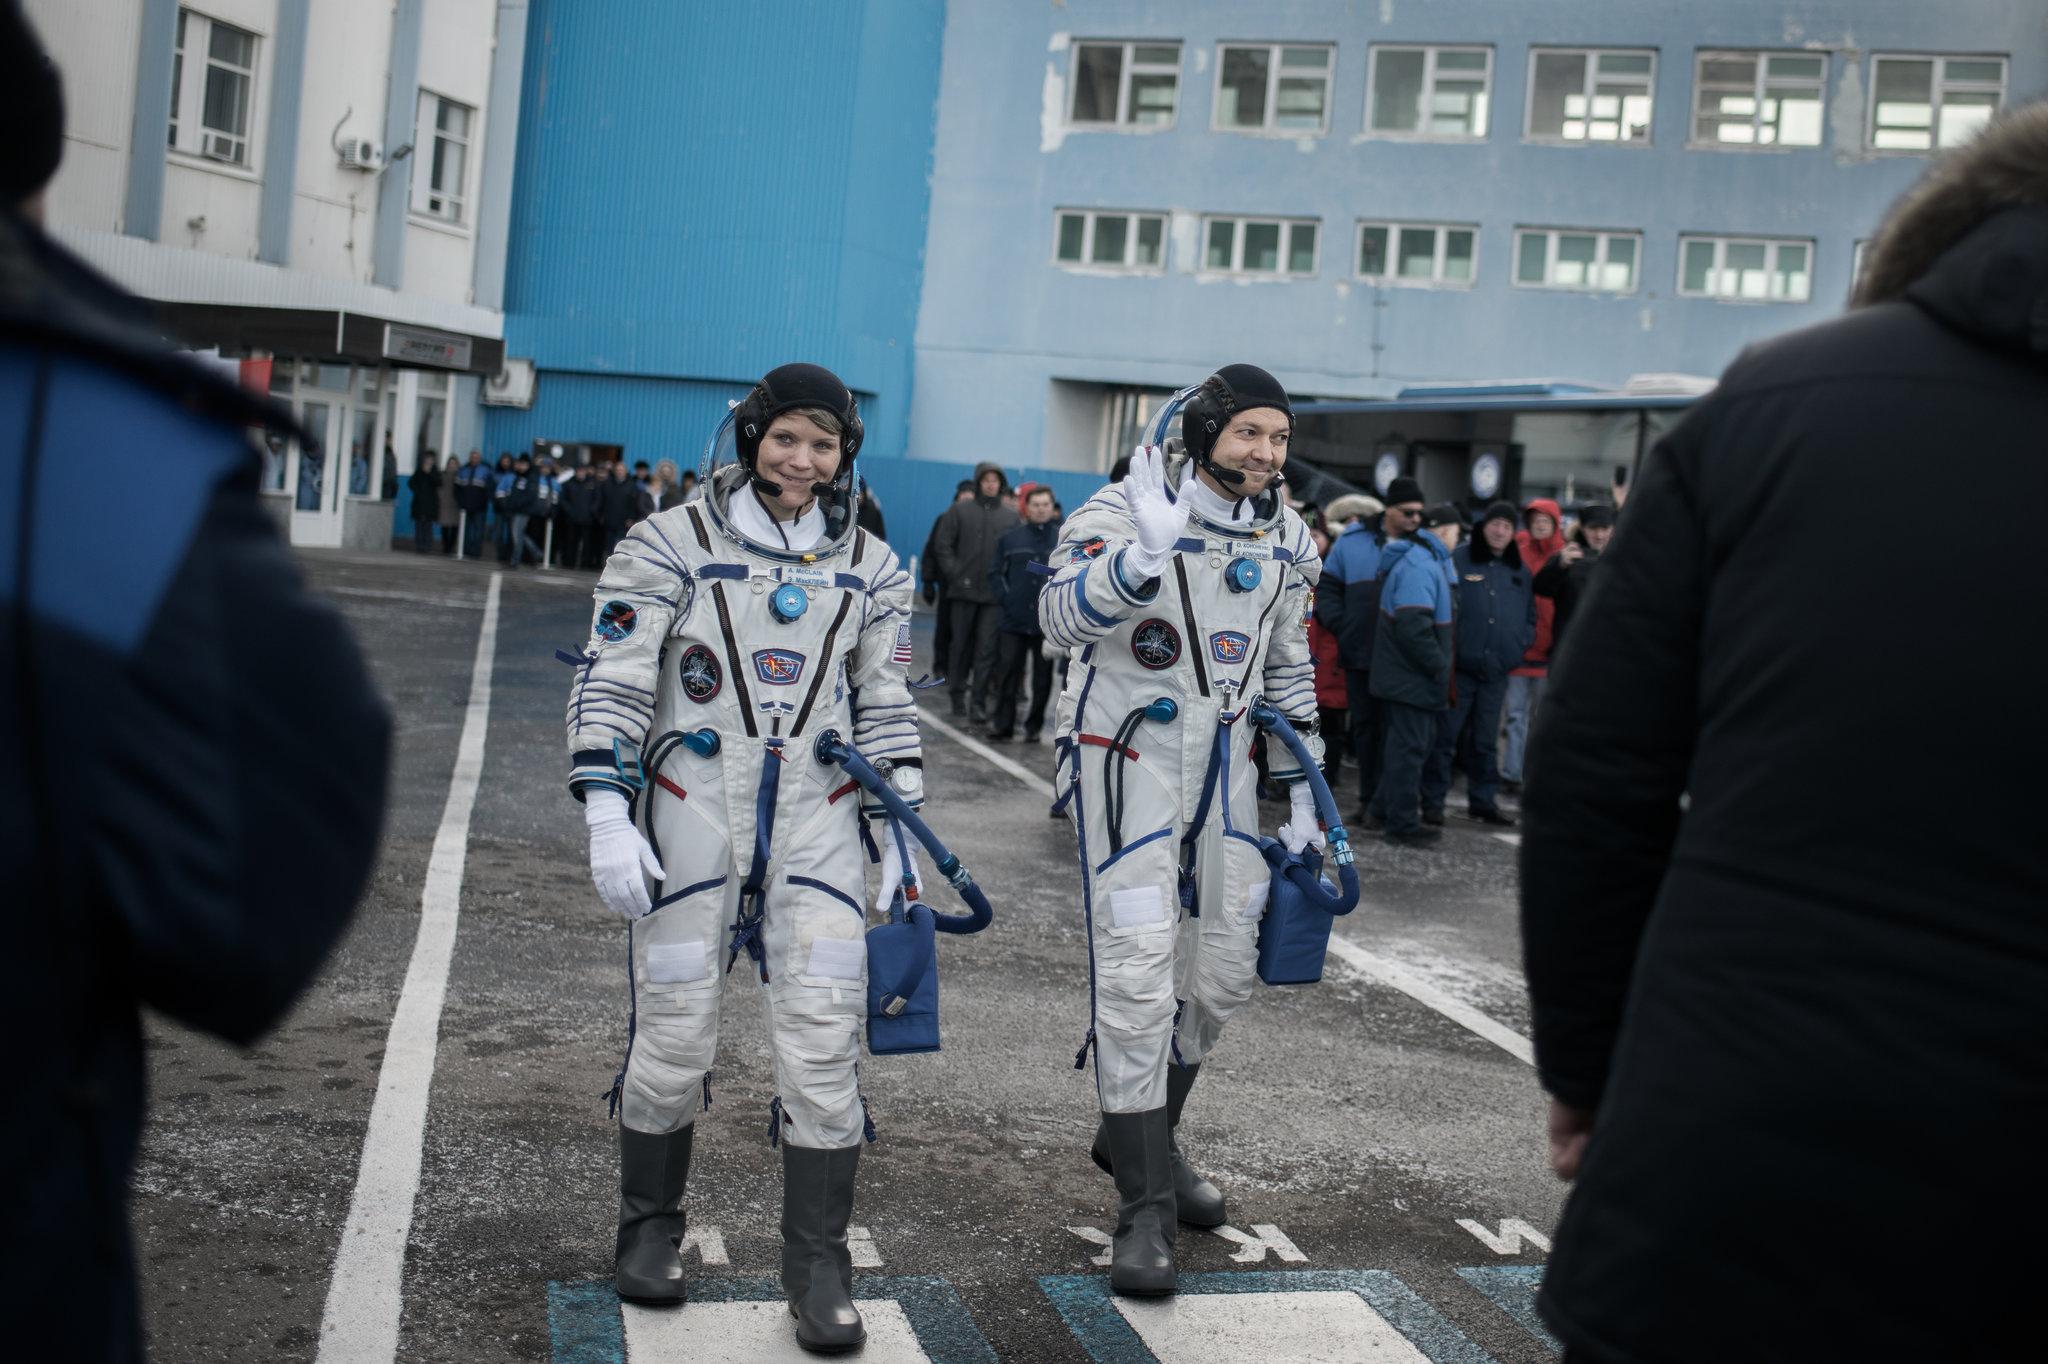 NASA'dan Anne McClain ve Soycos'un Roscosmos komutanı Oleg Kononenko fırlatma rampasına doğru giderlerken. İnsanları selamlıyorlar.